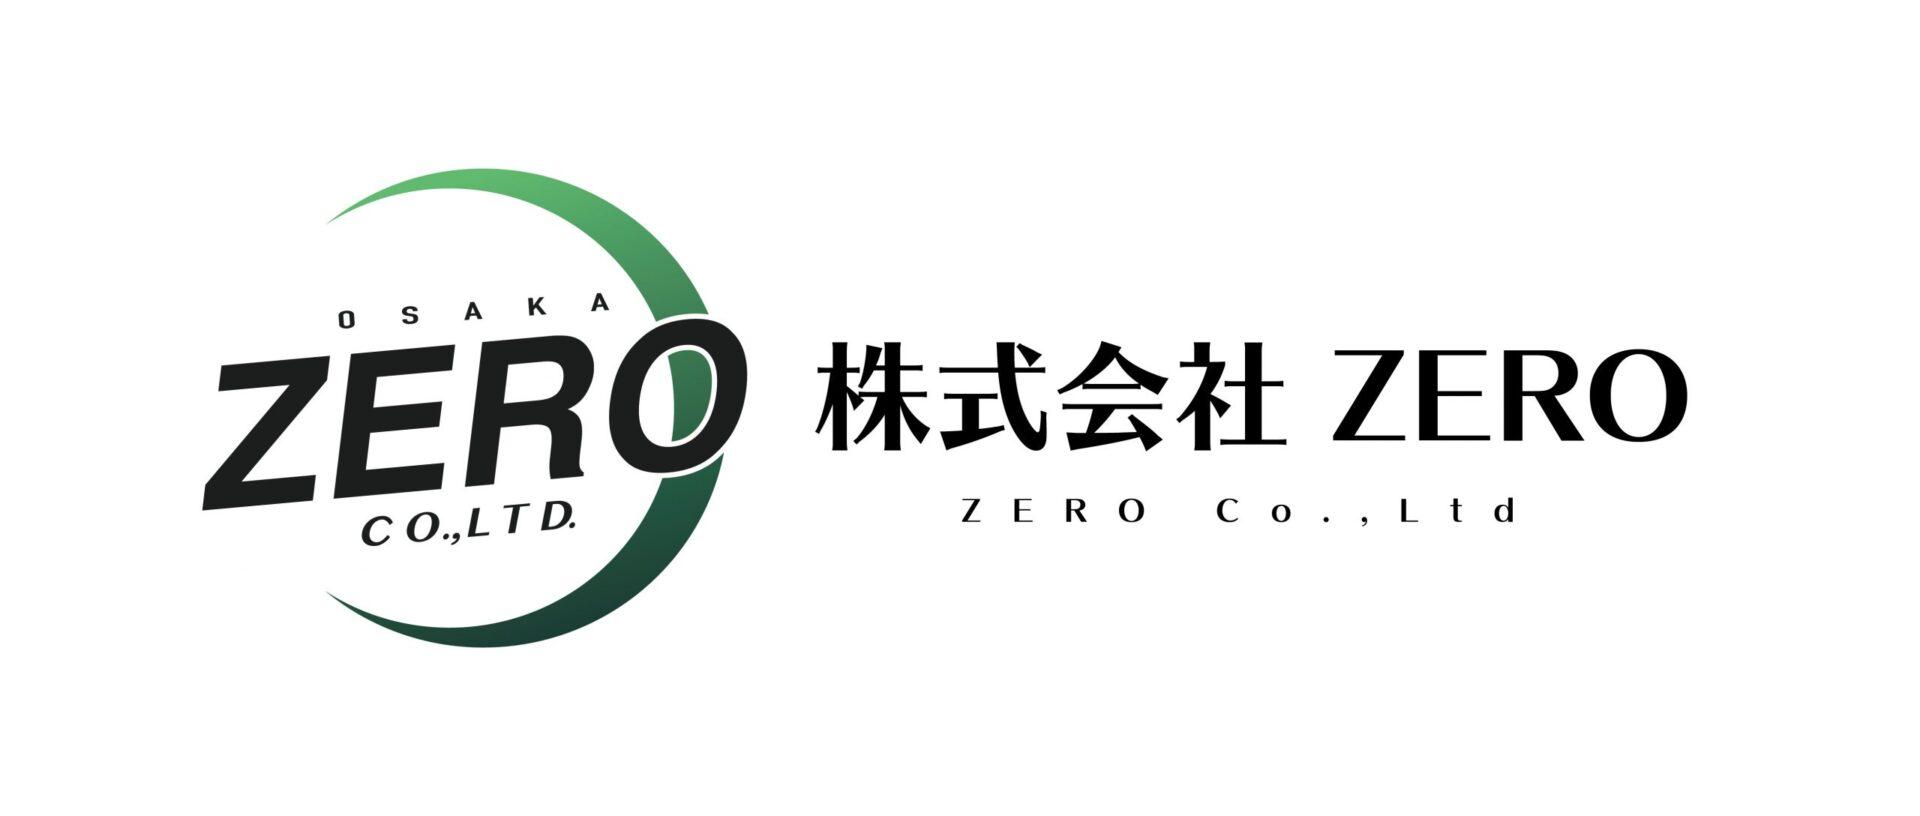 ZERO Co.,Ltd